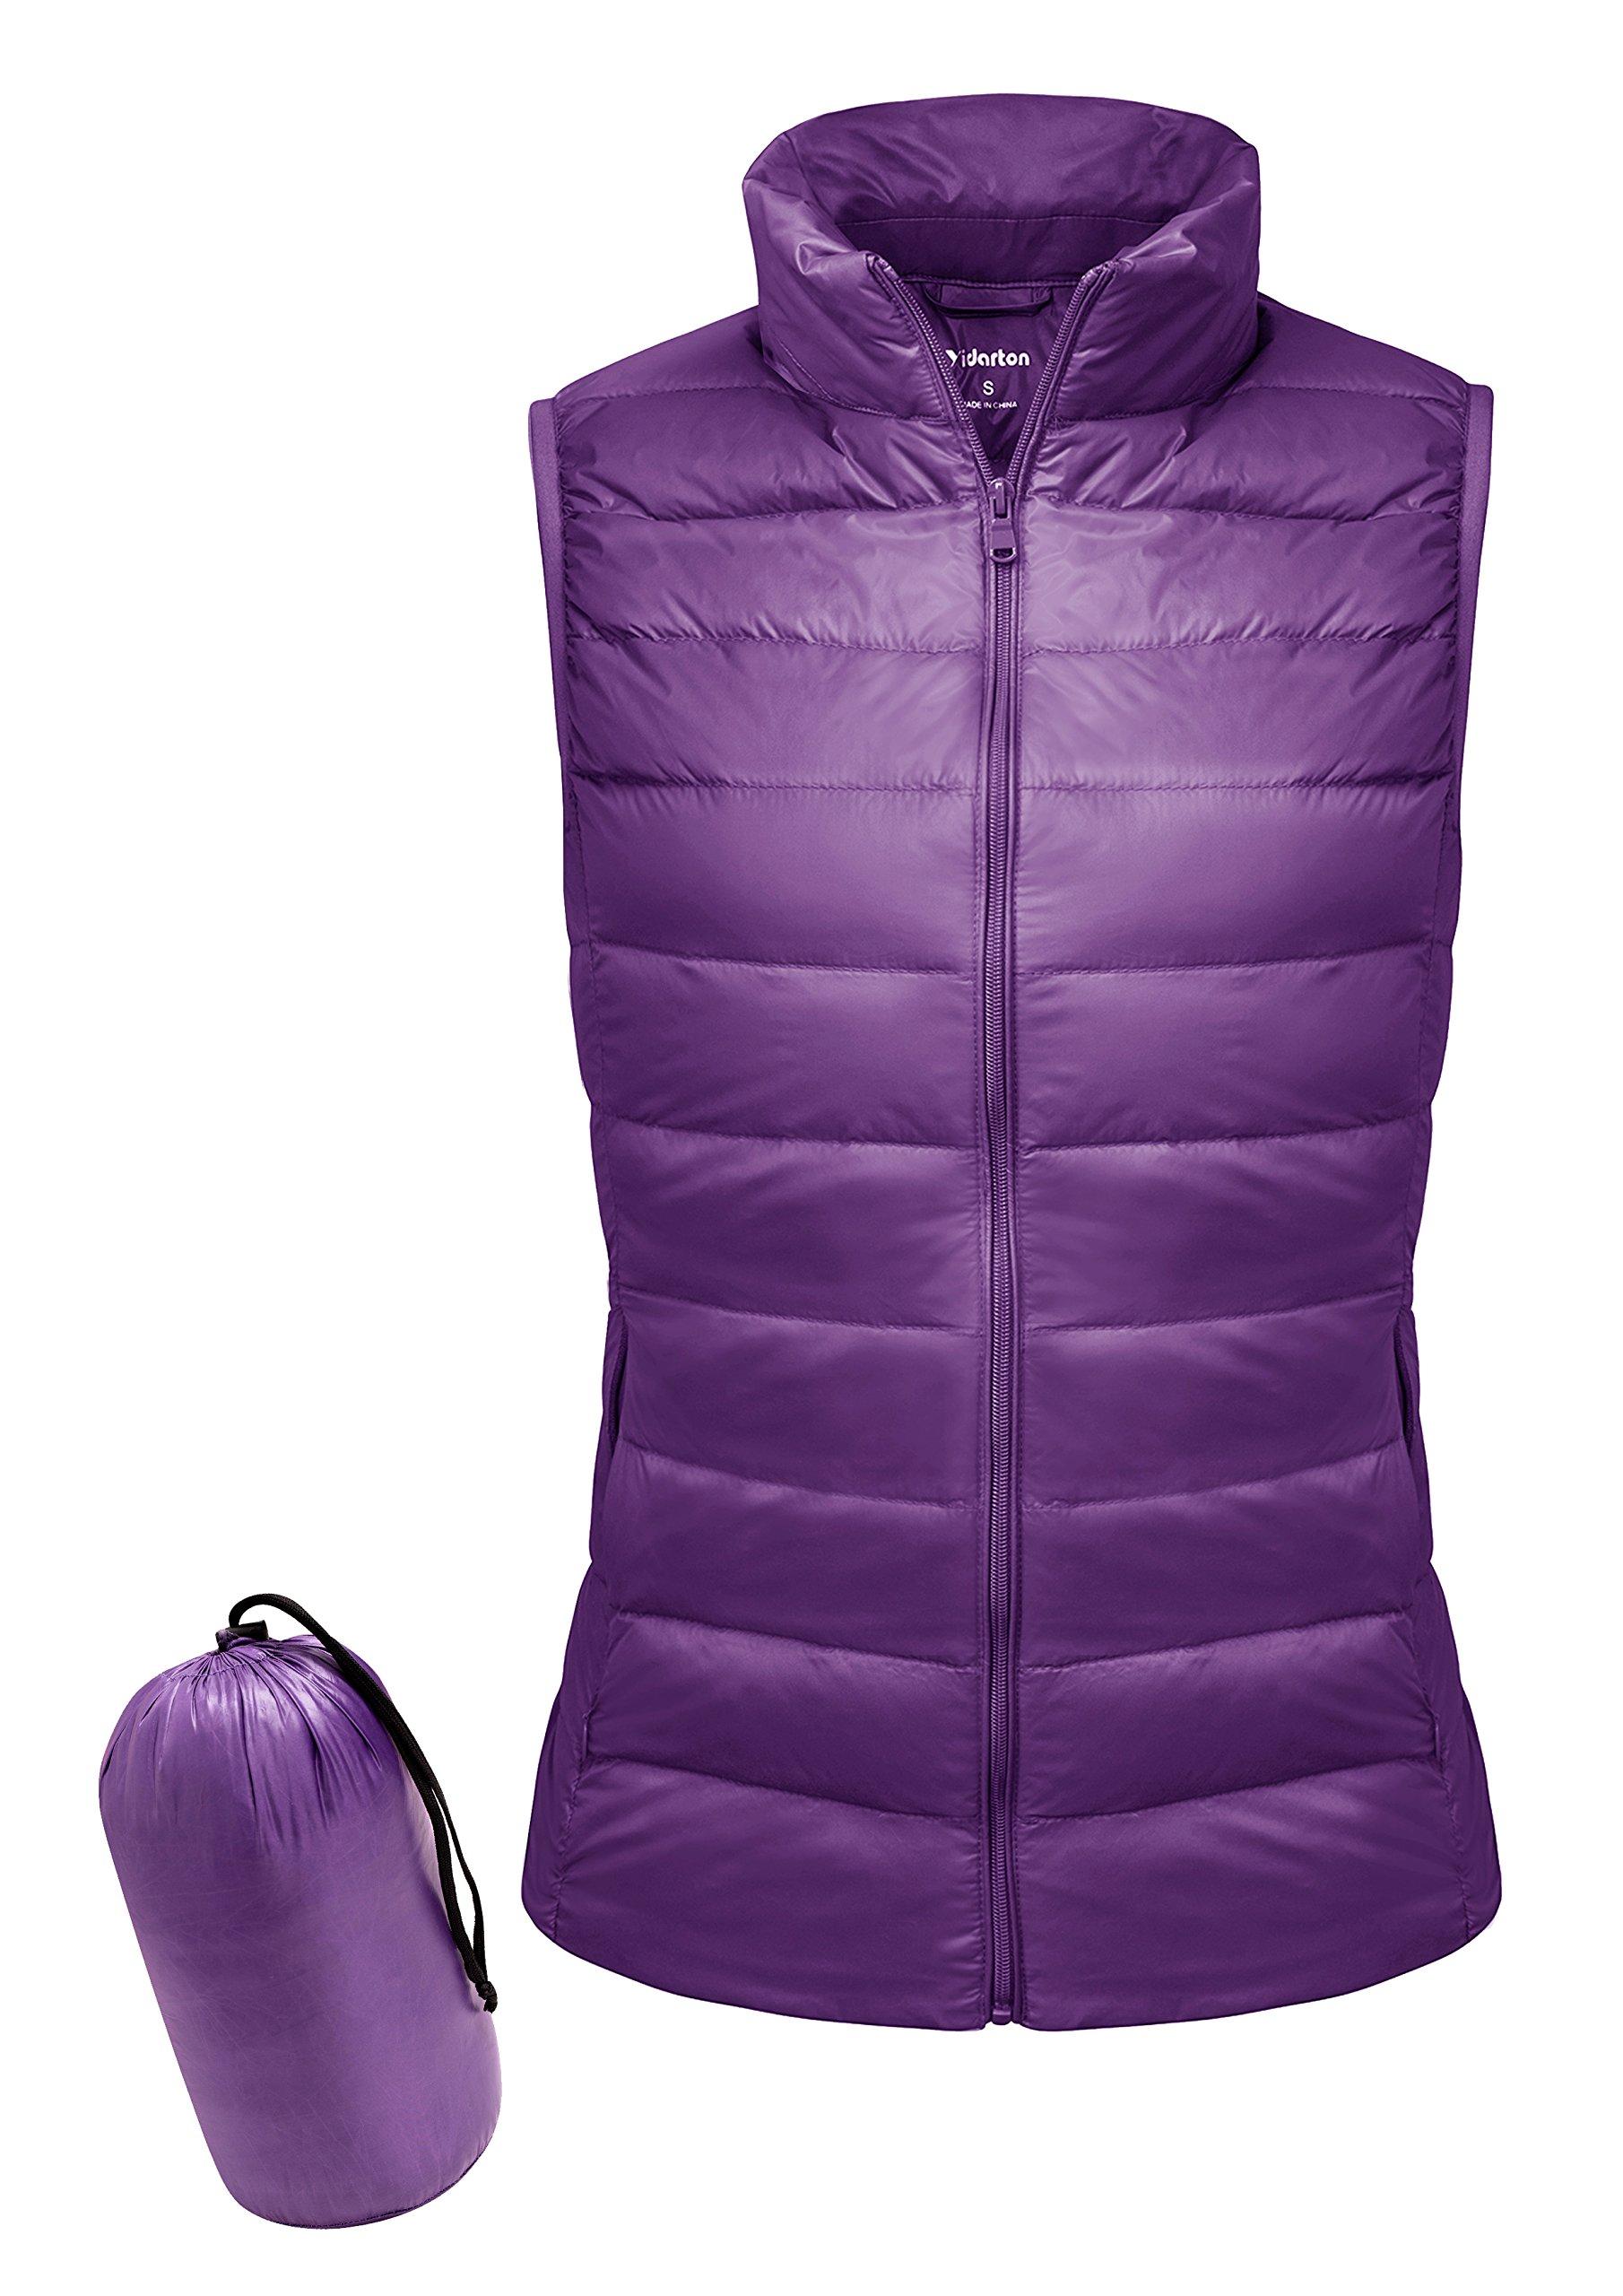 Yidarton Women Down Vest Packable Lightweight Outerwear Coat Jacket Puffer Vests(pu+xl)